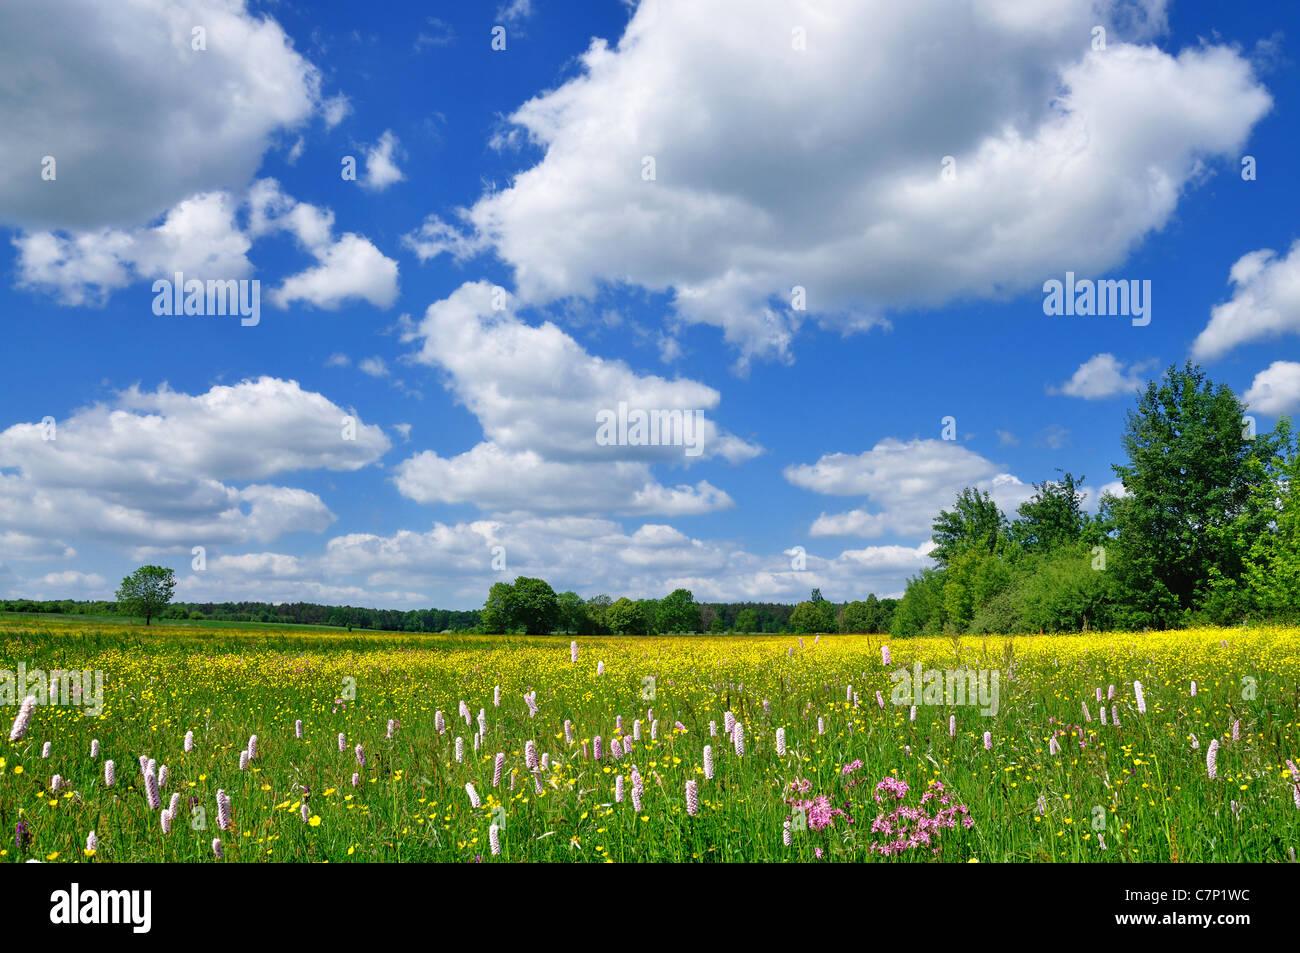 Spring Landscape - Stock Image